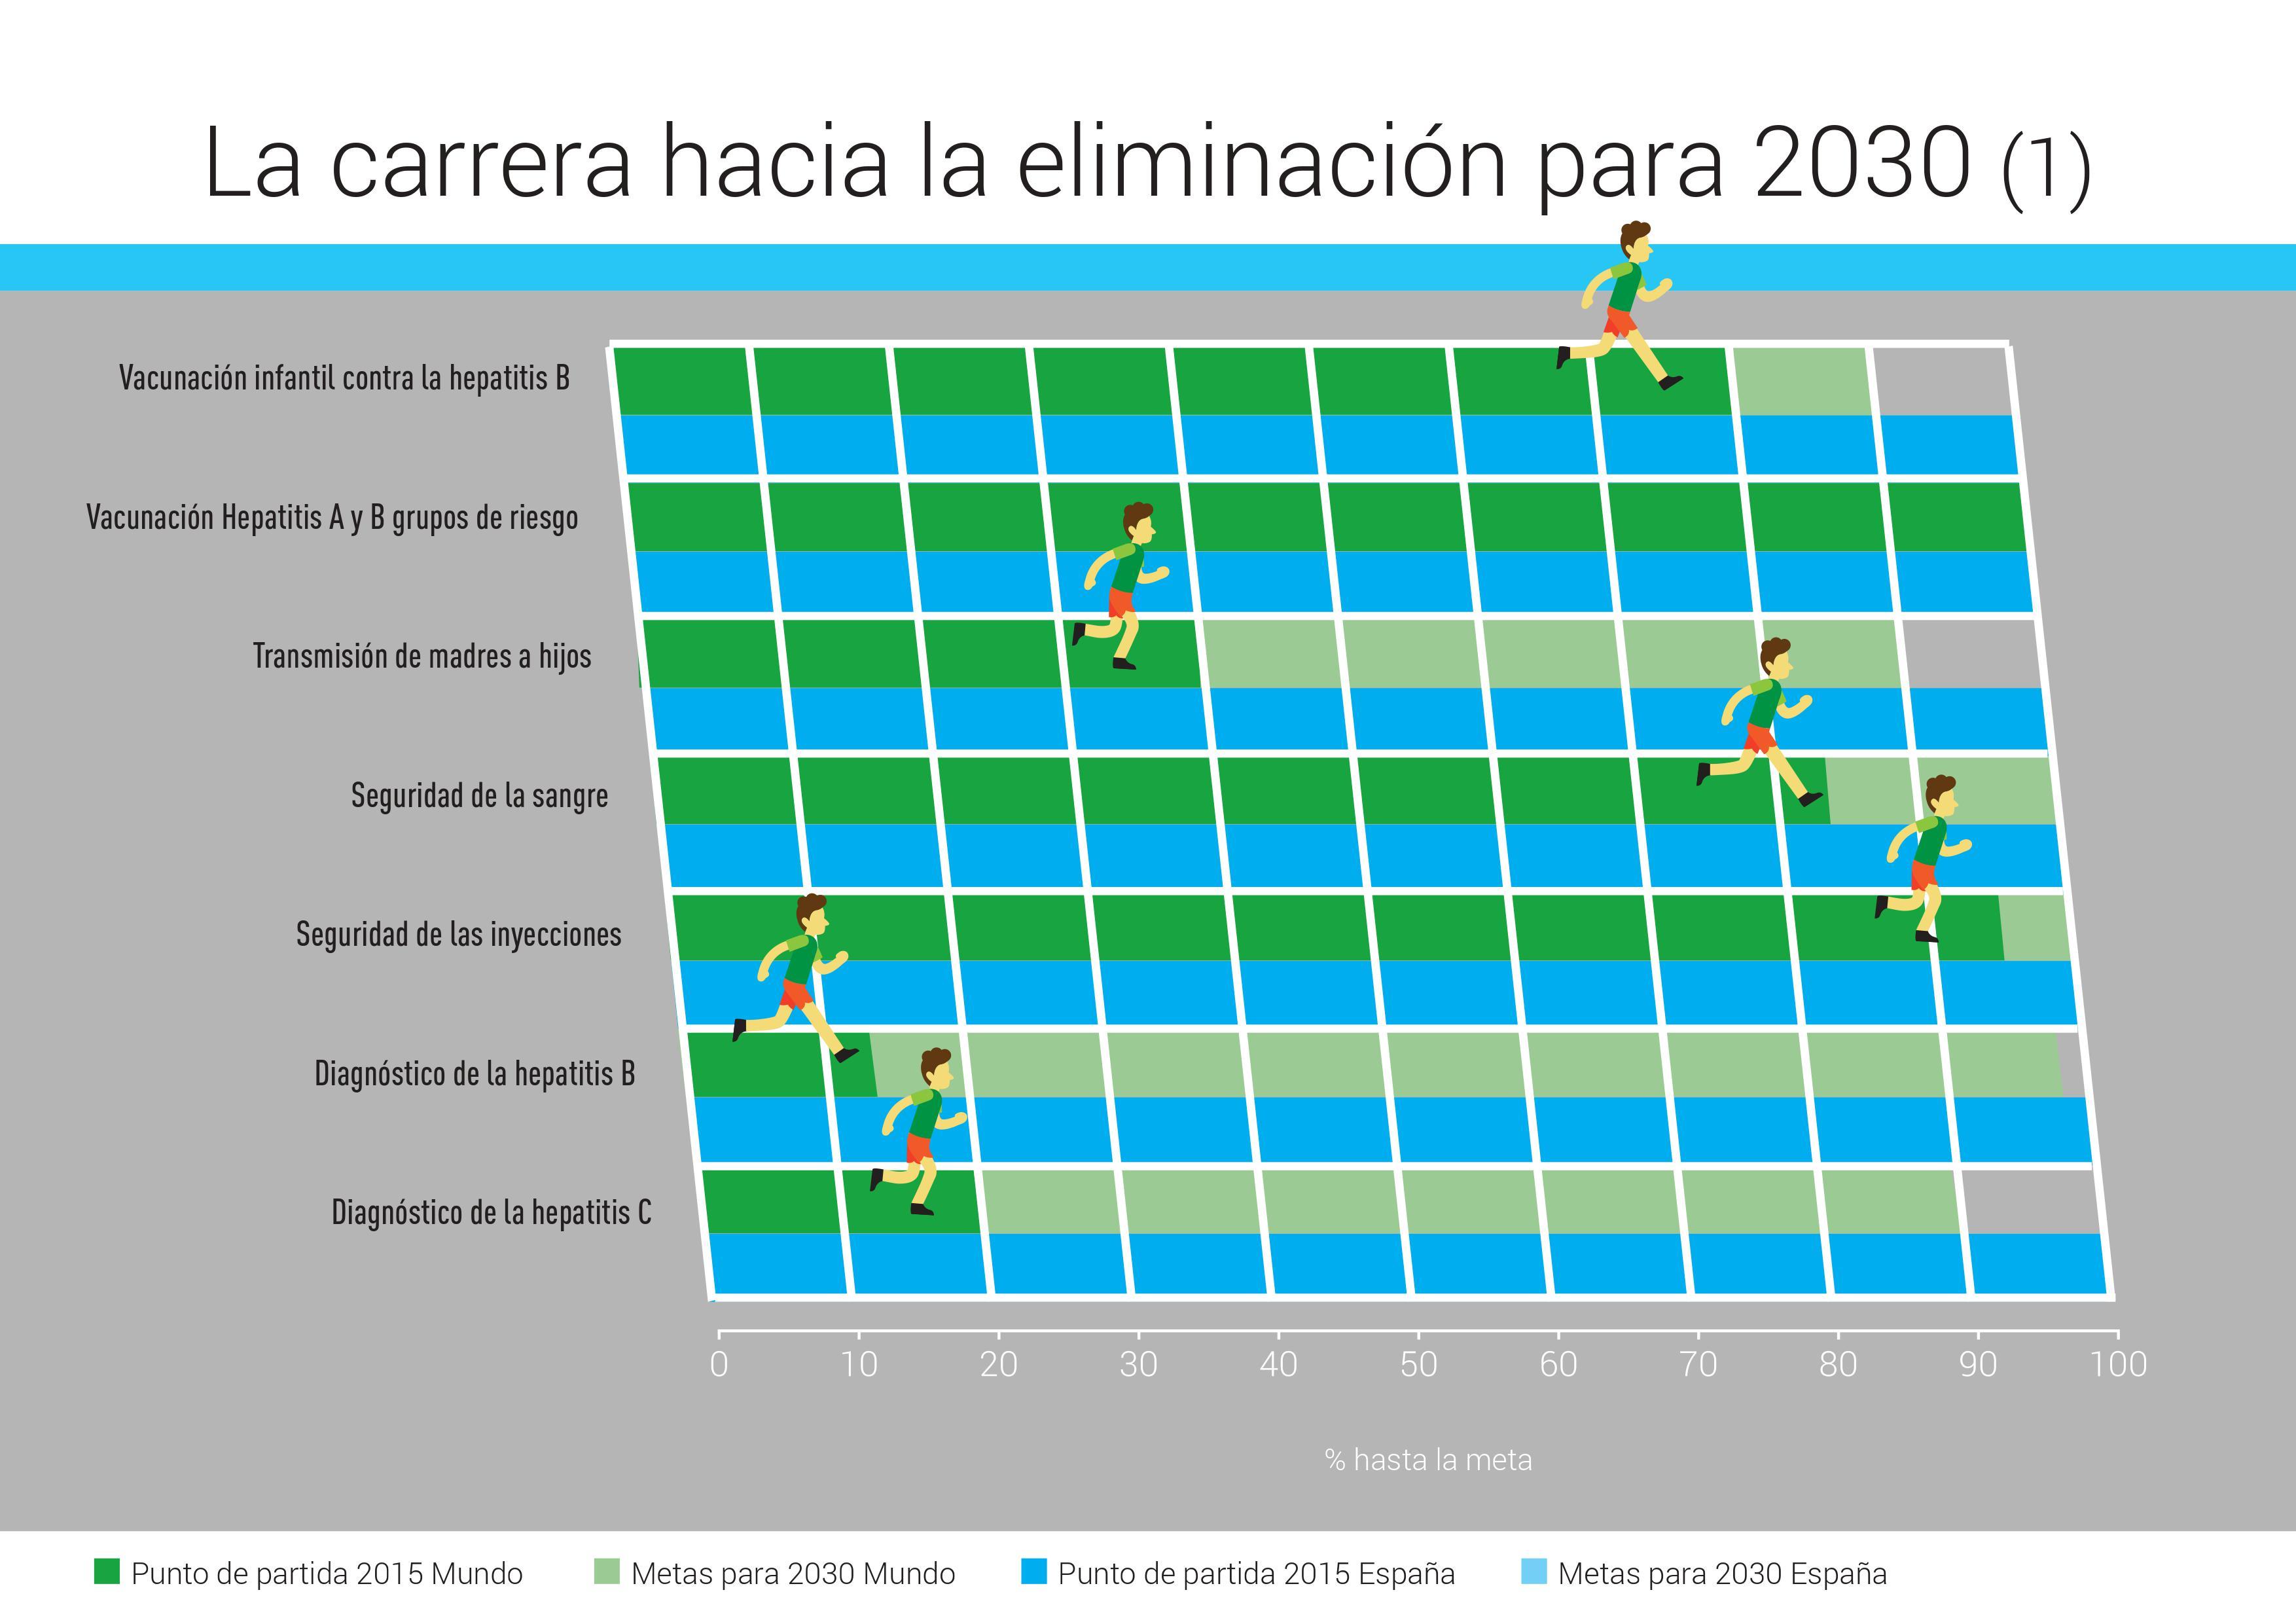 NOTA DE PRENSA: ESPAÑA LIDERA EN EUROPA LA CARRERA PARA LA ELIMINACIÓN DE LAS HEPATITIS VÍRICAS ANTES DE 2021